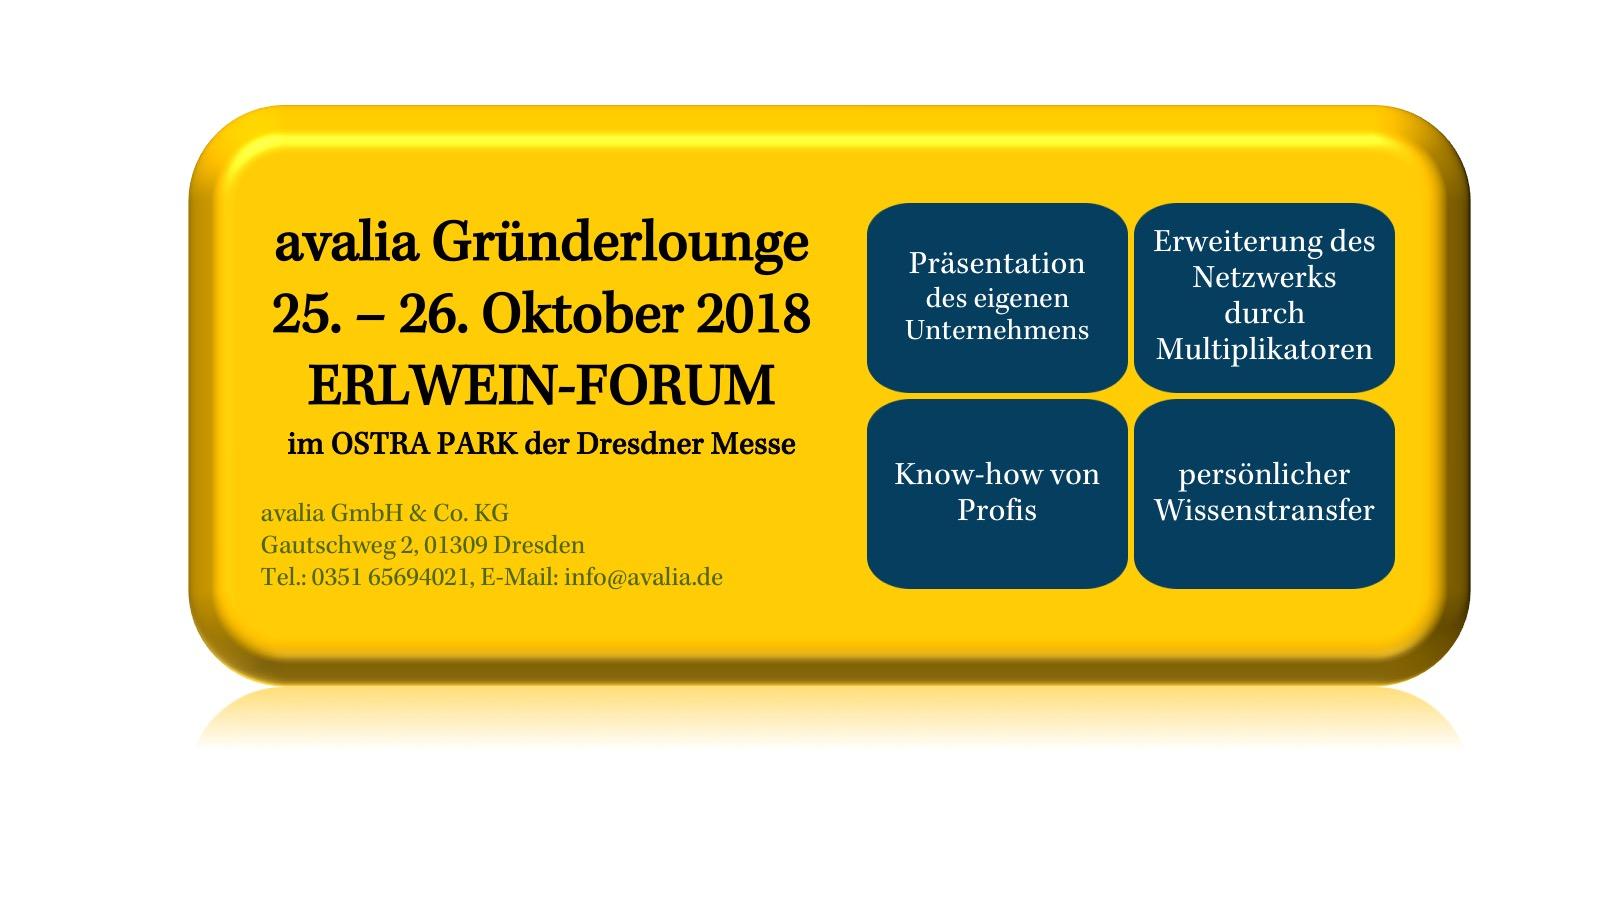 Gründerlounge Messe auf der Dresdner Weitsicht 2018